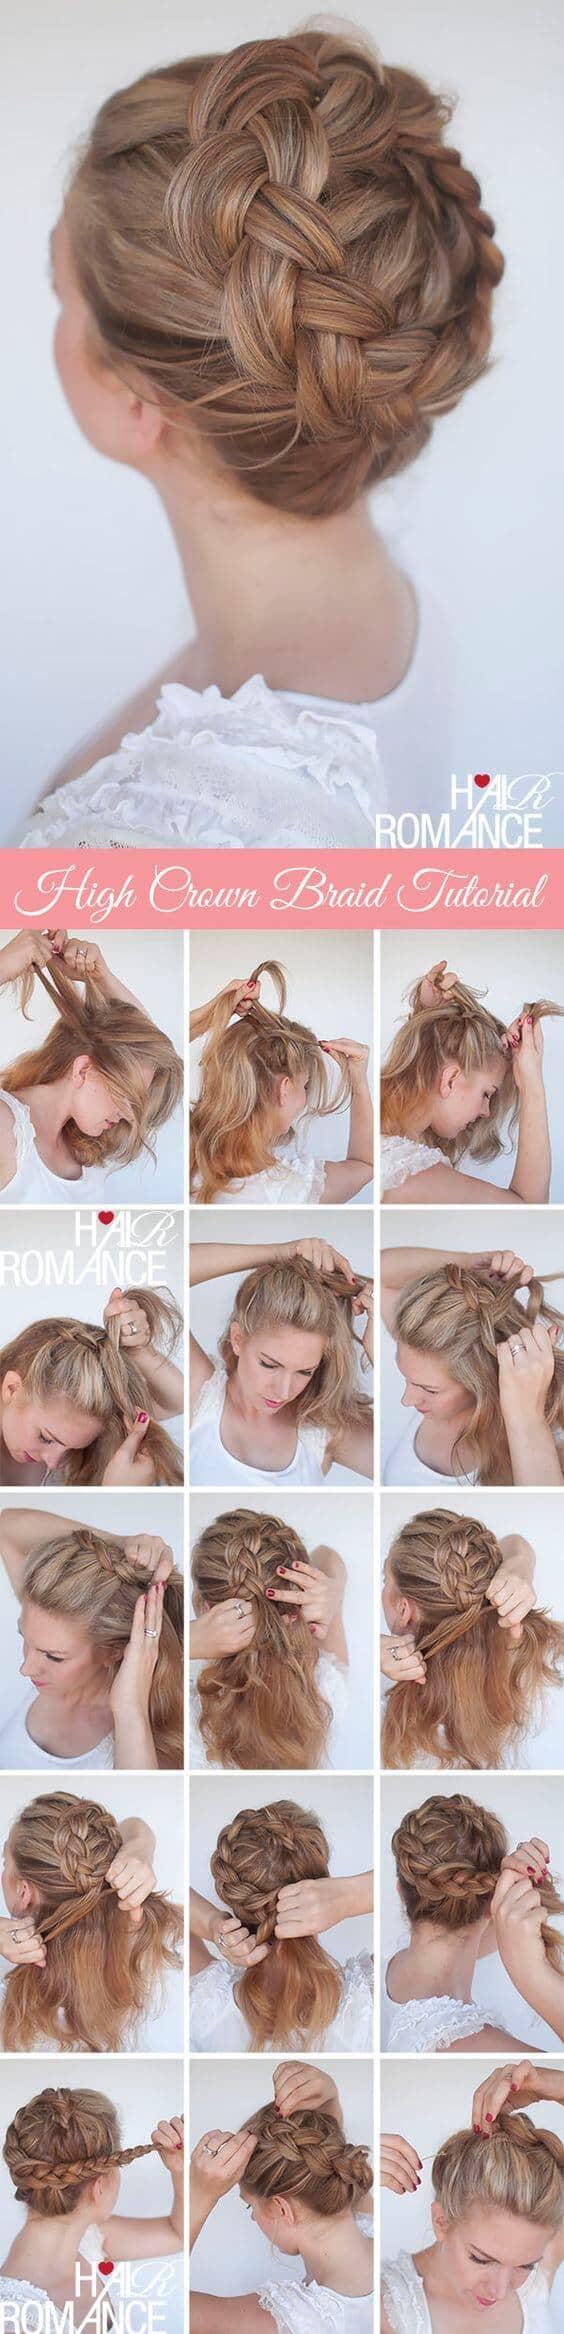 Round Crown Braid